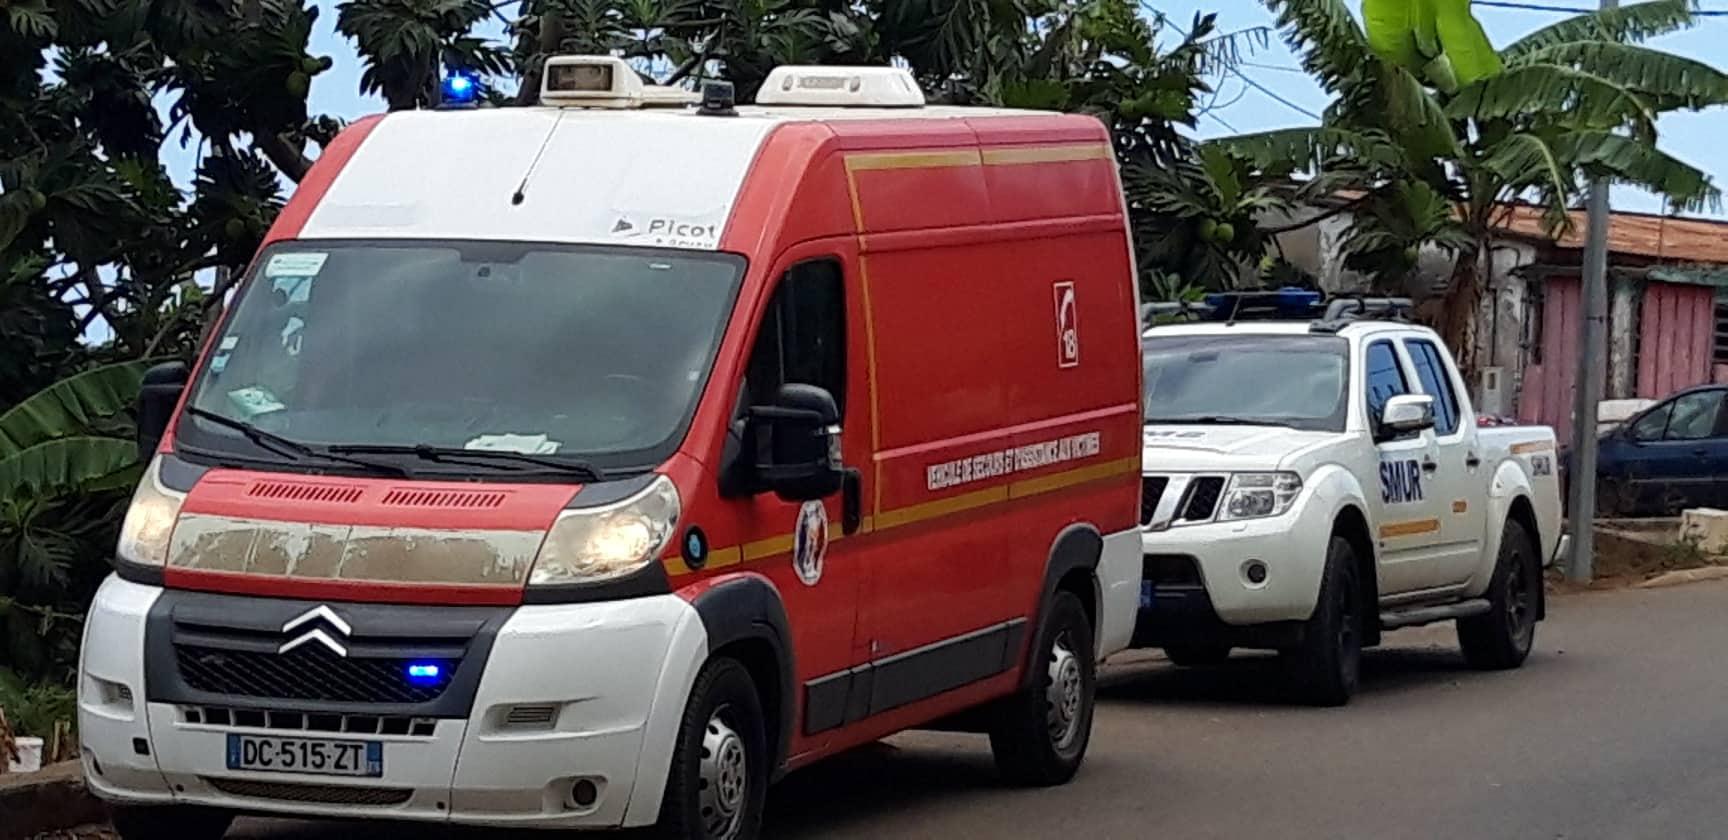 Secours Pompiers Smur Mayotte, 11 sep 2019 Acoua